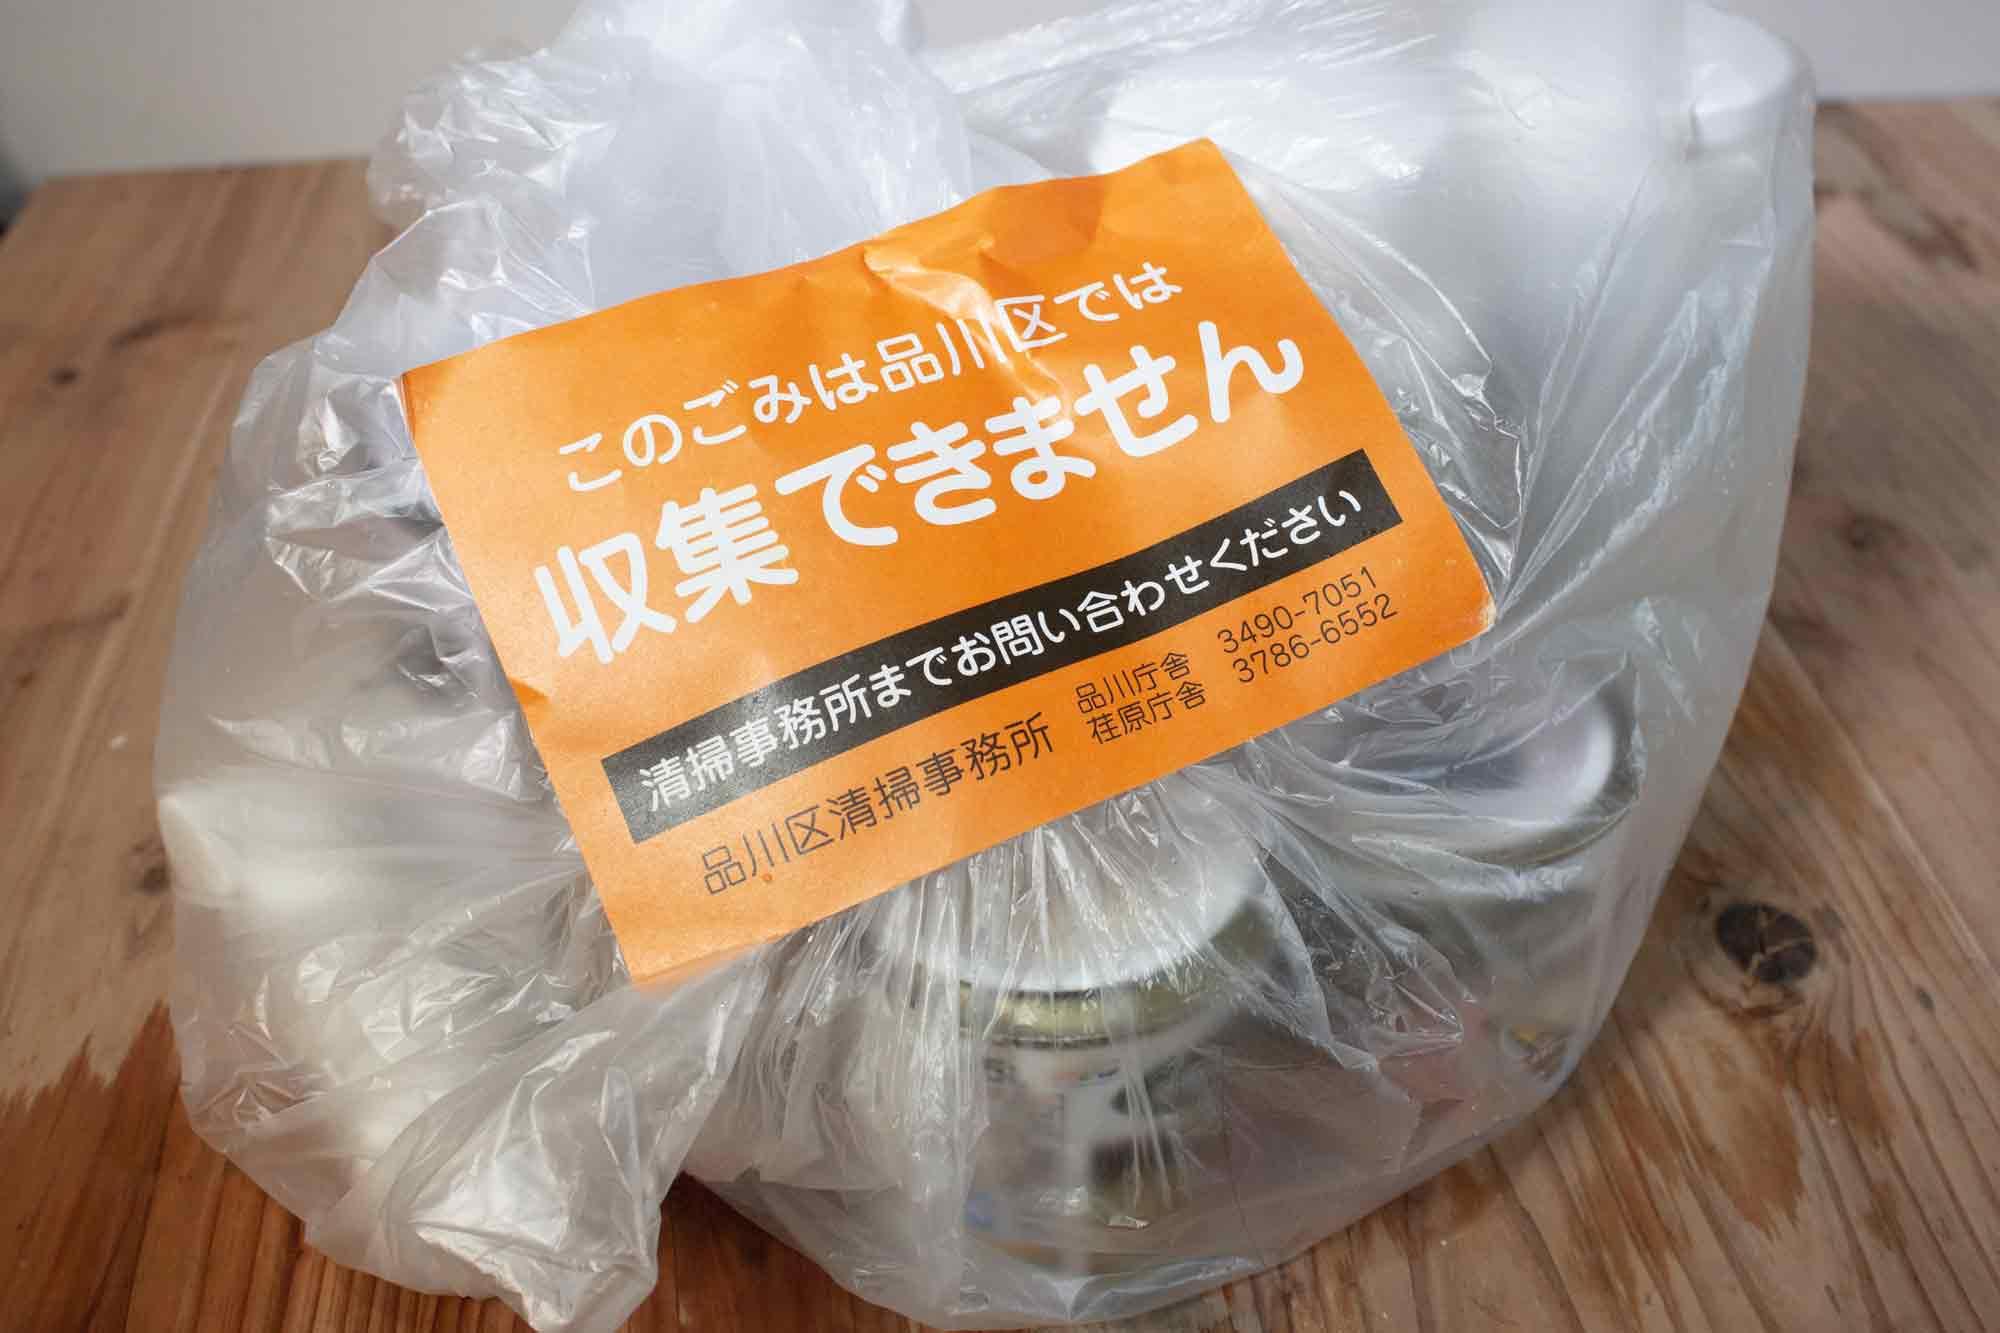 ゴミ収集されなかったペンキ缶ゴミ